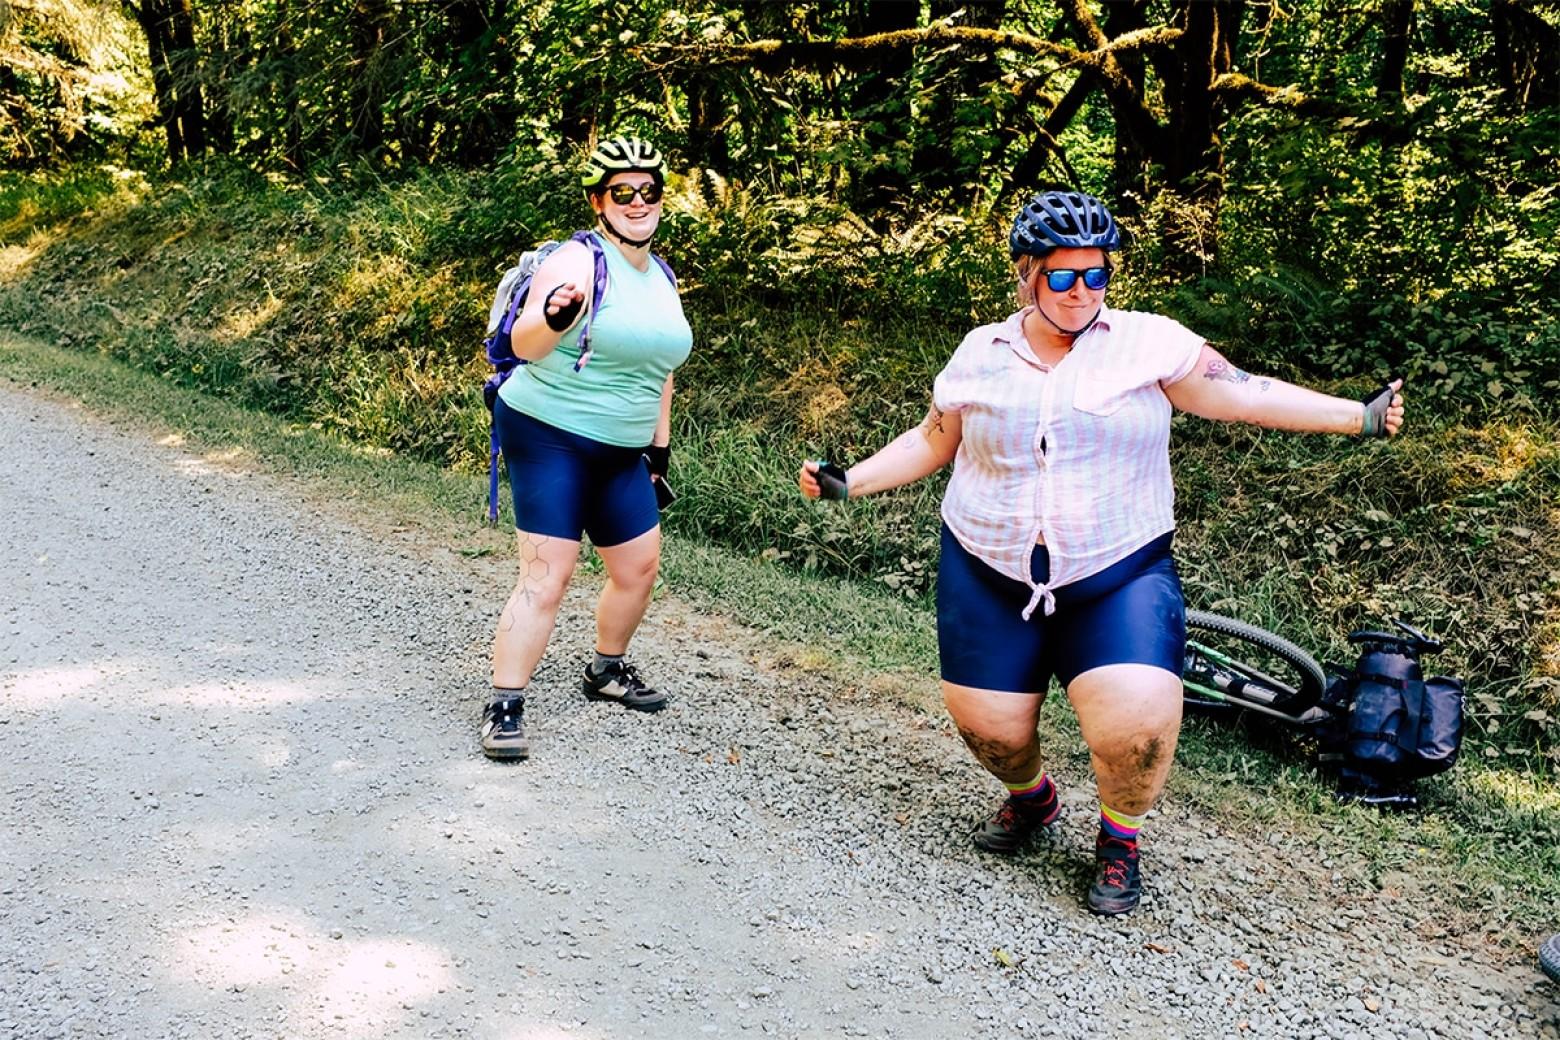 ser-ciclista-ir-en-bici-shimano/